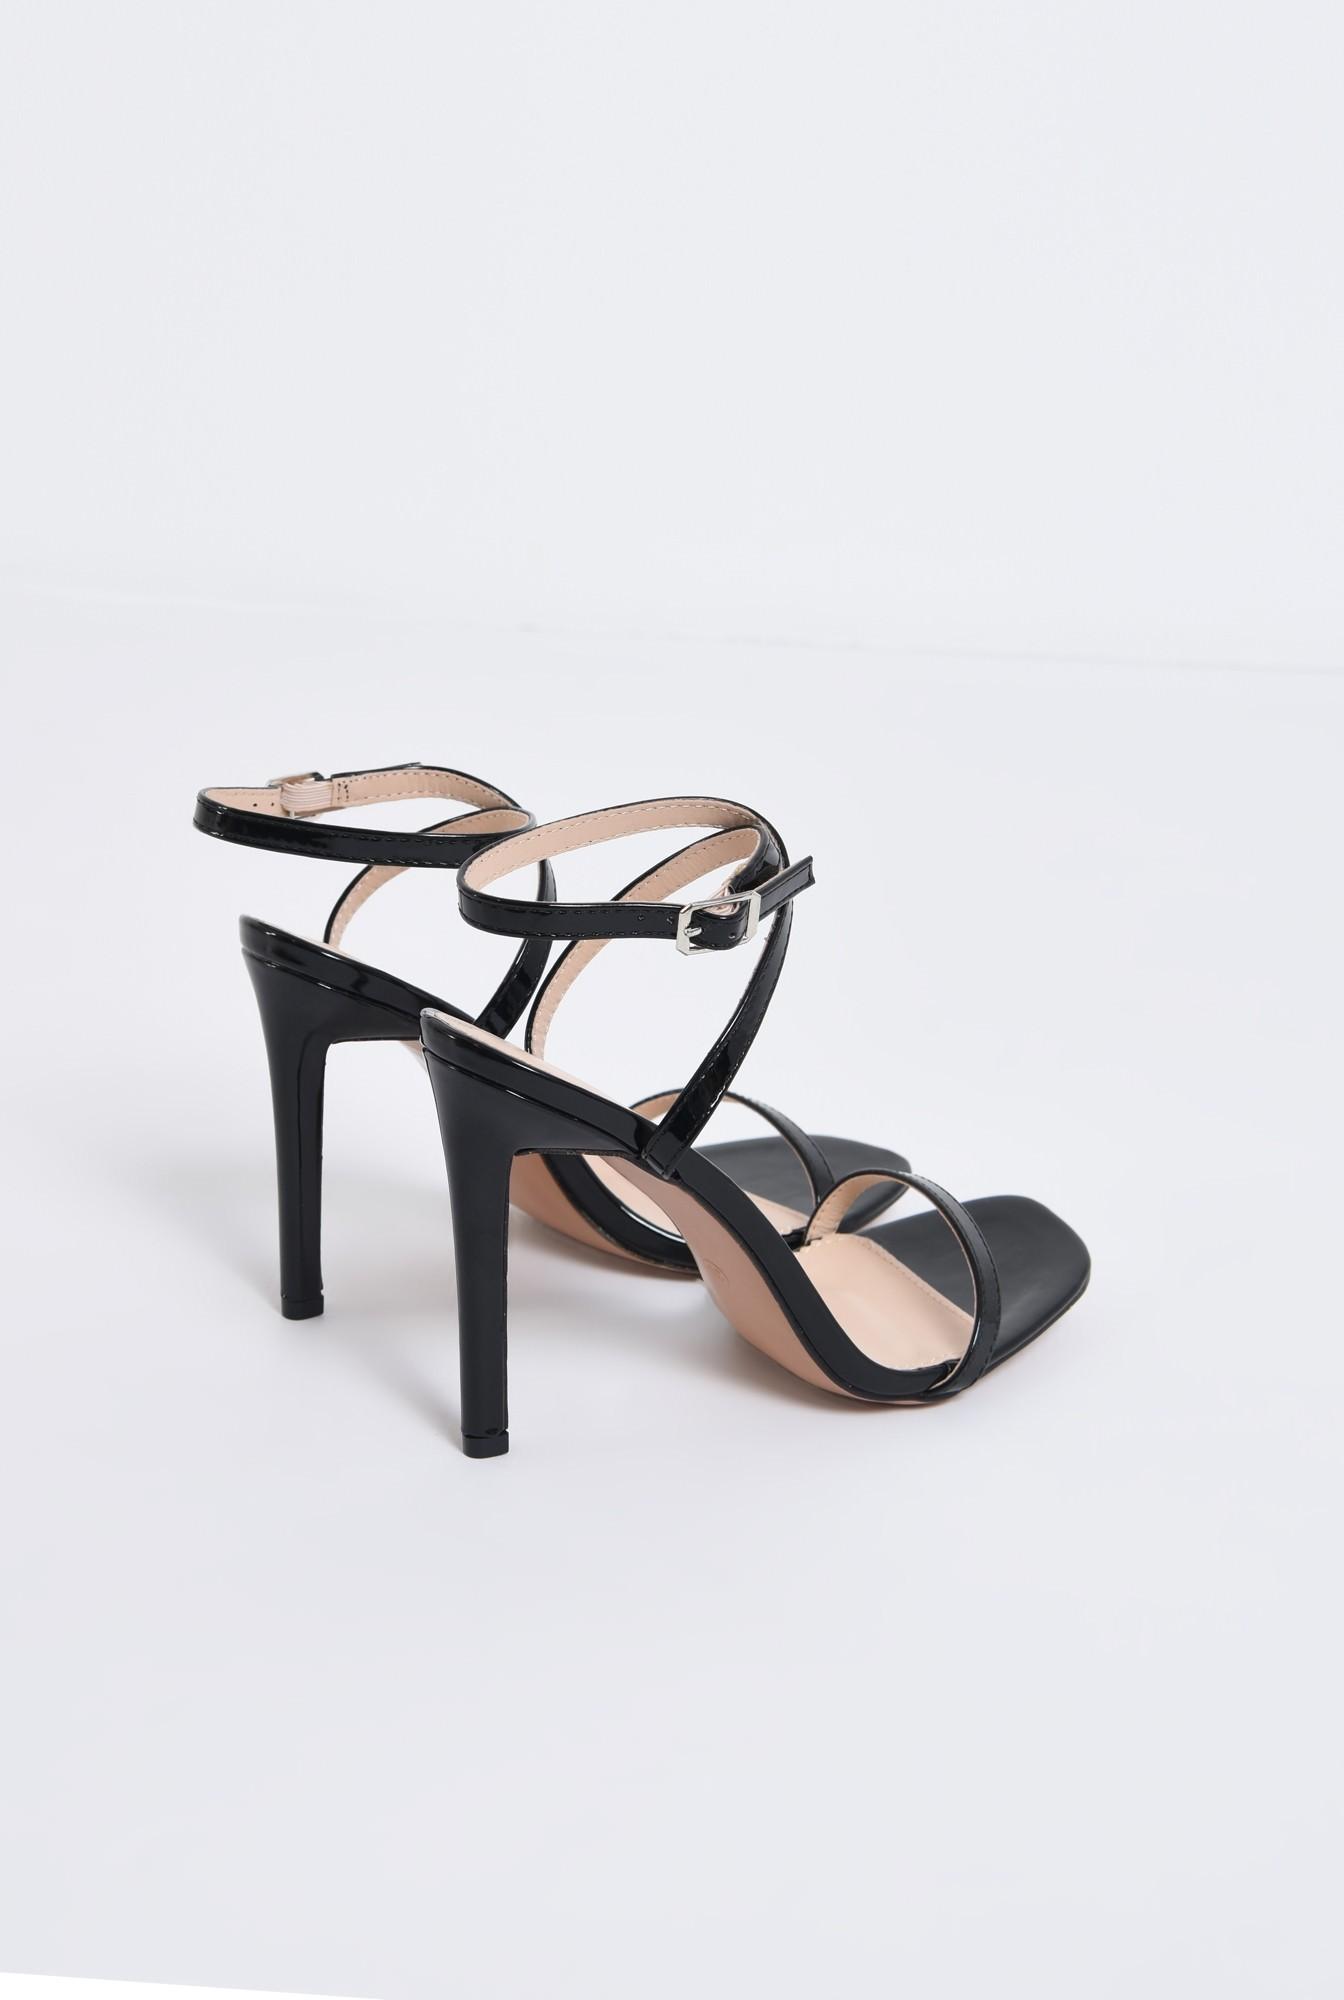 2 - sandale elegante, din lac, negre, toc cui